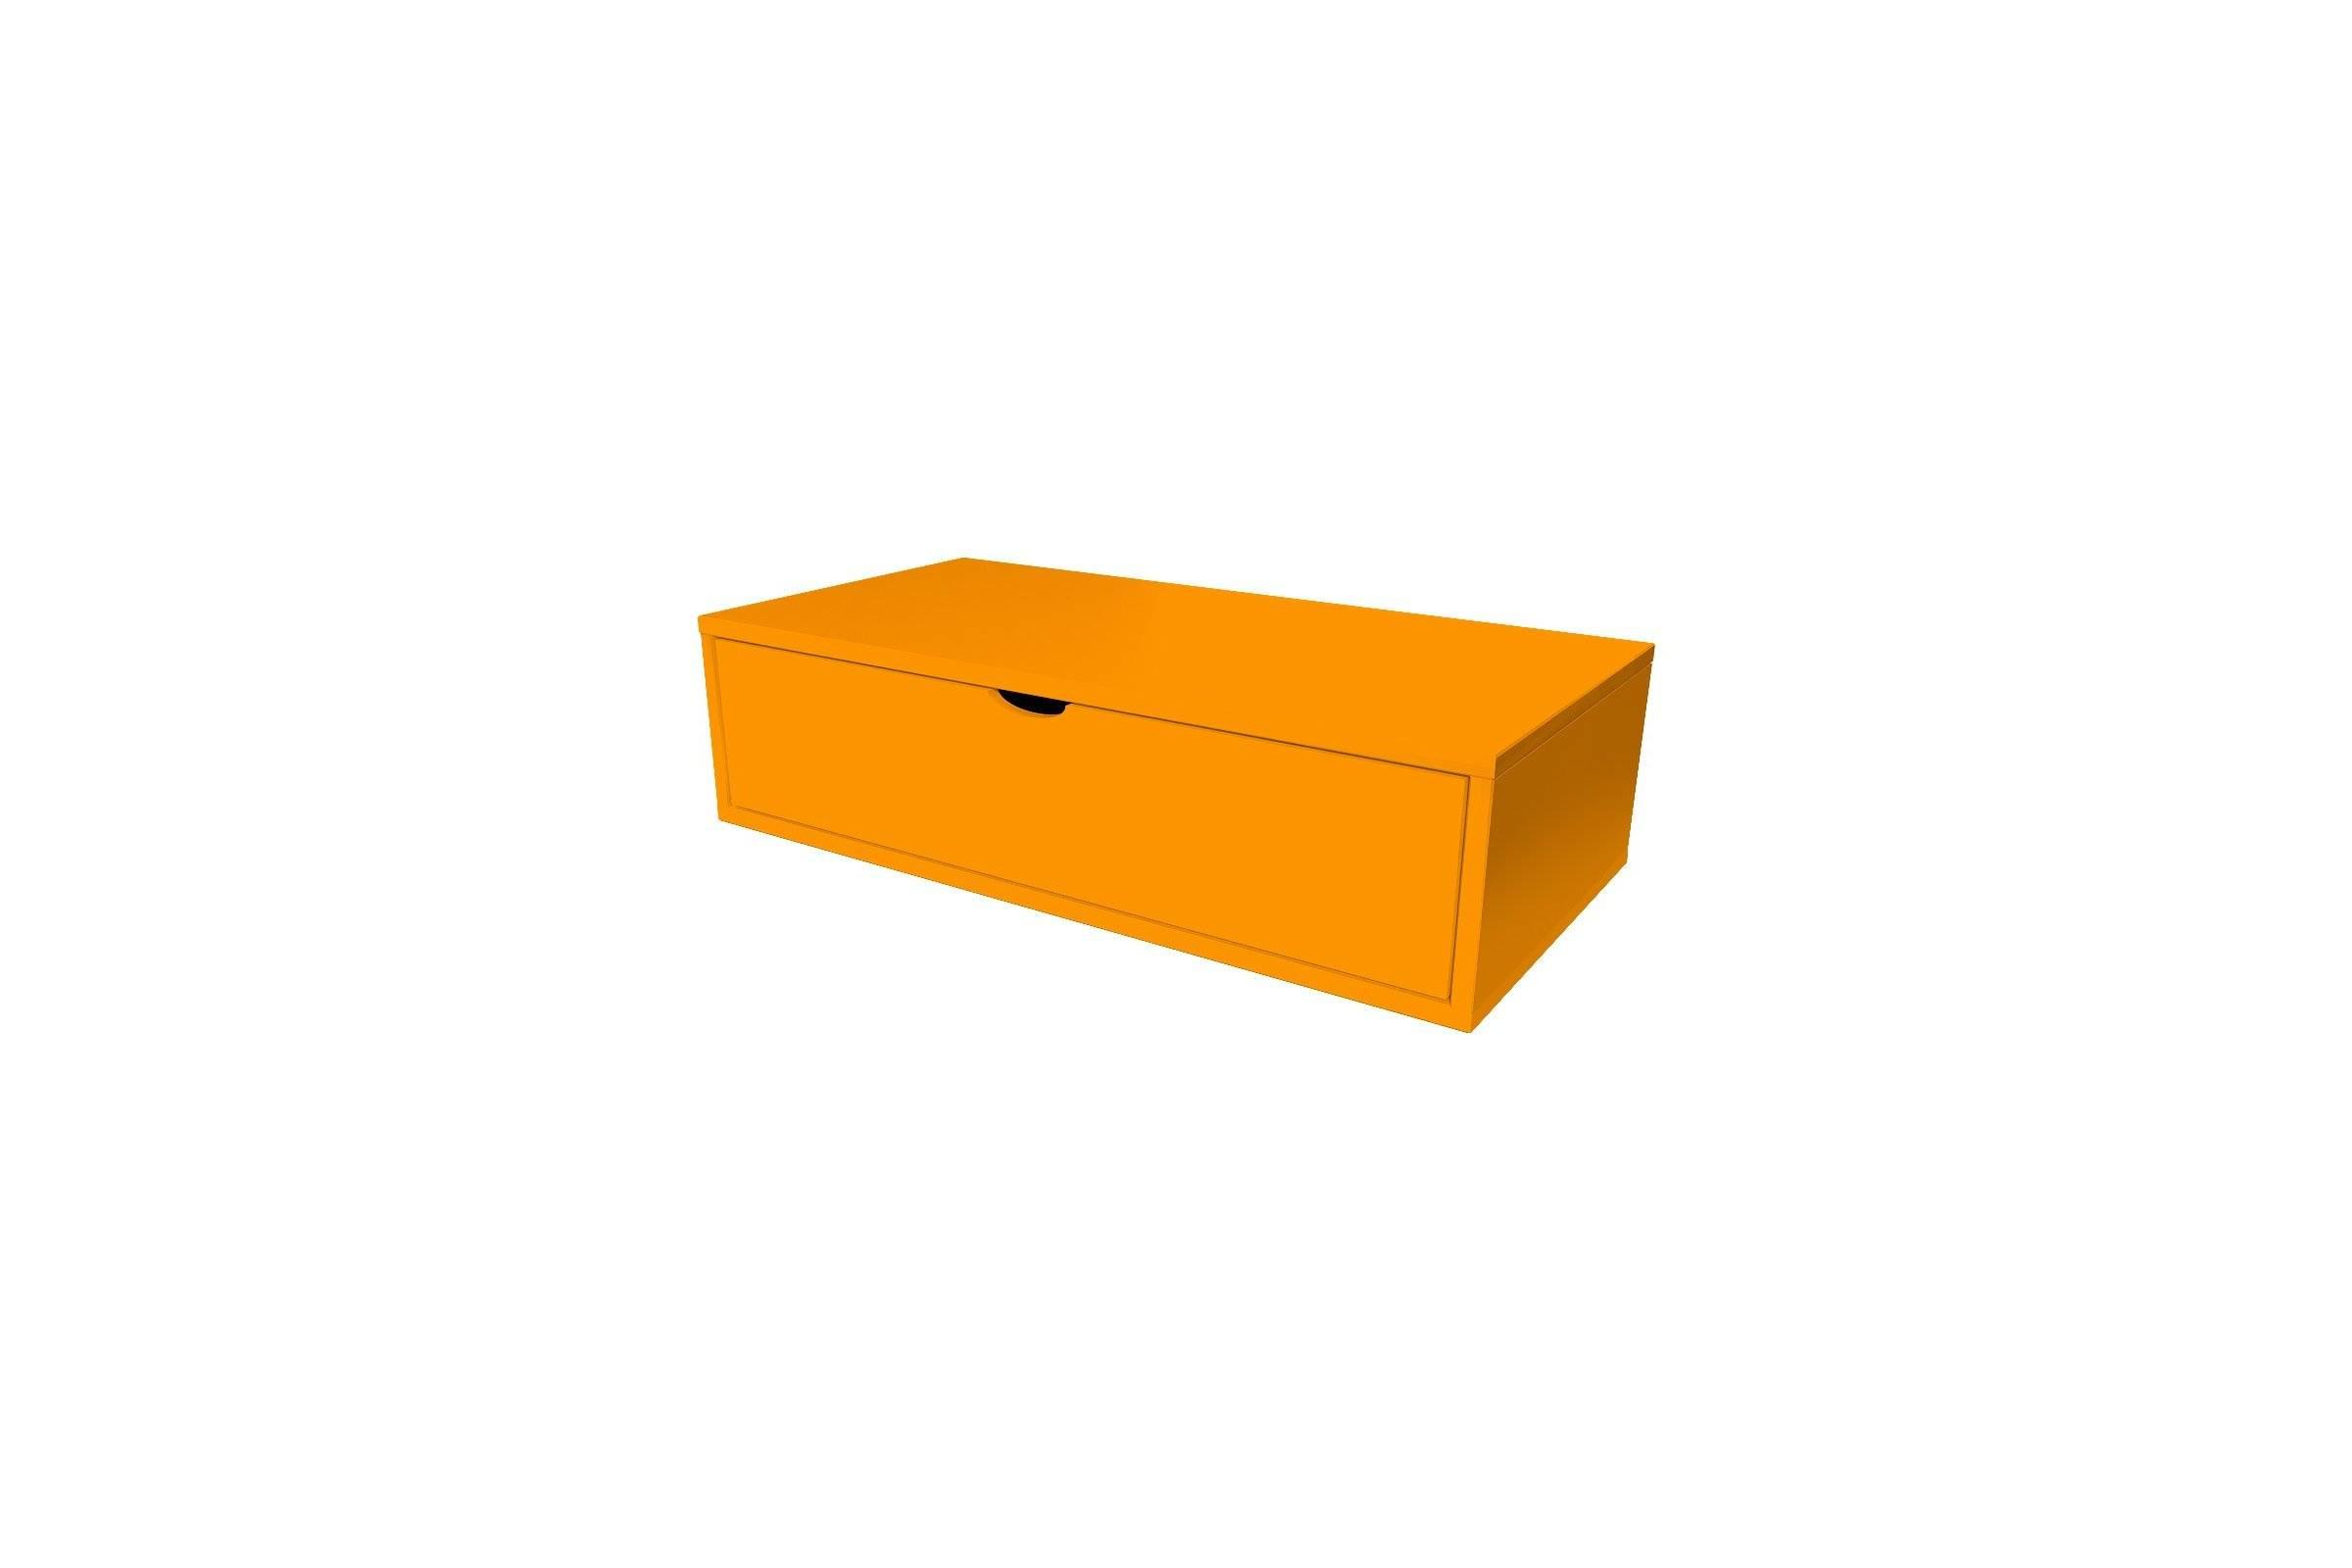 Abc meubles - cube de rangement 100x50 cm + tiroir orange